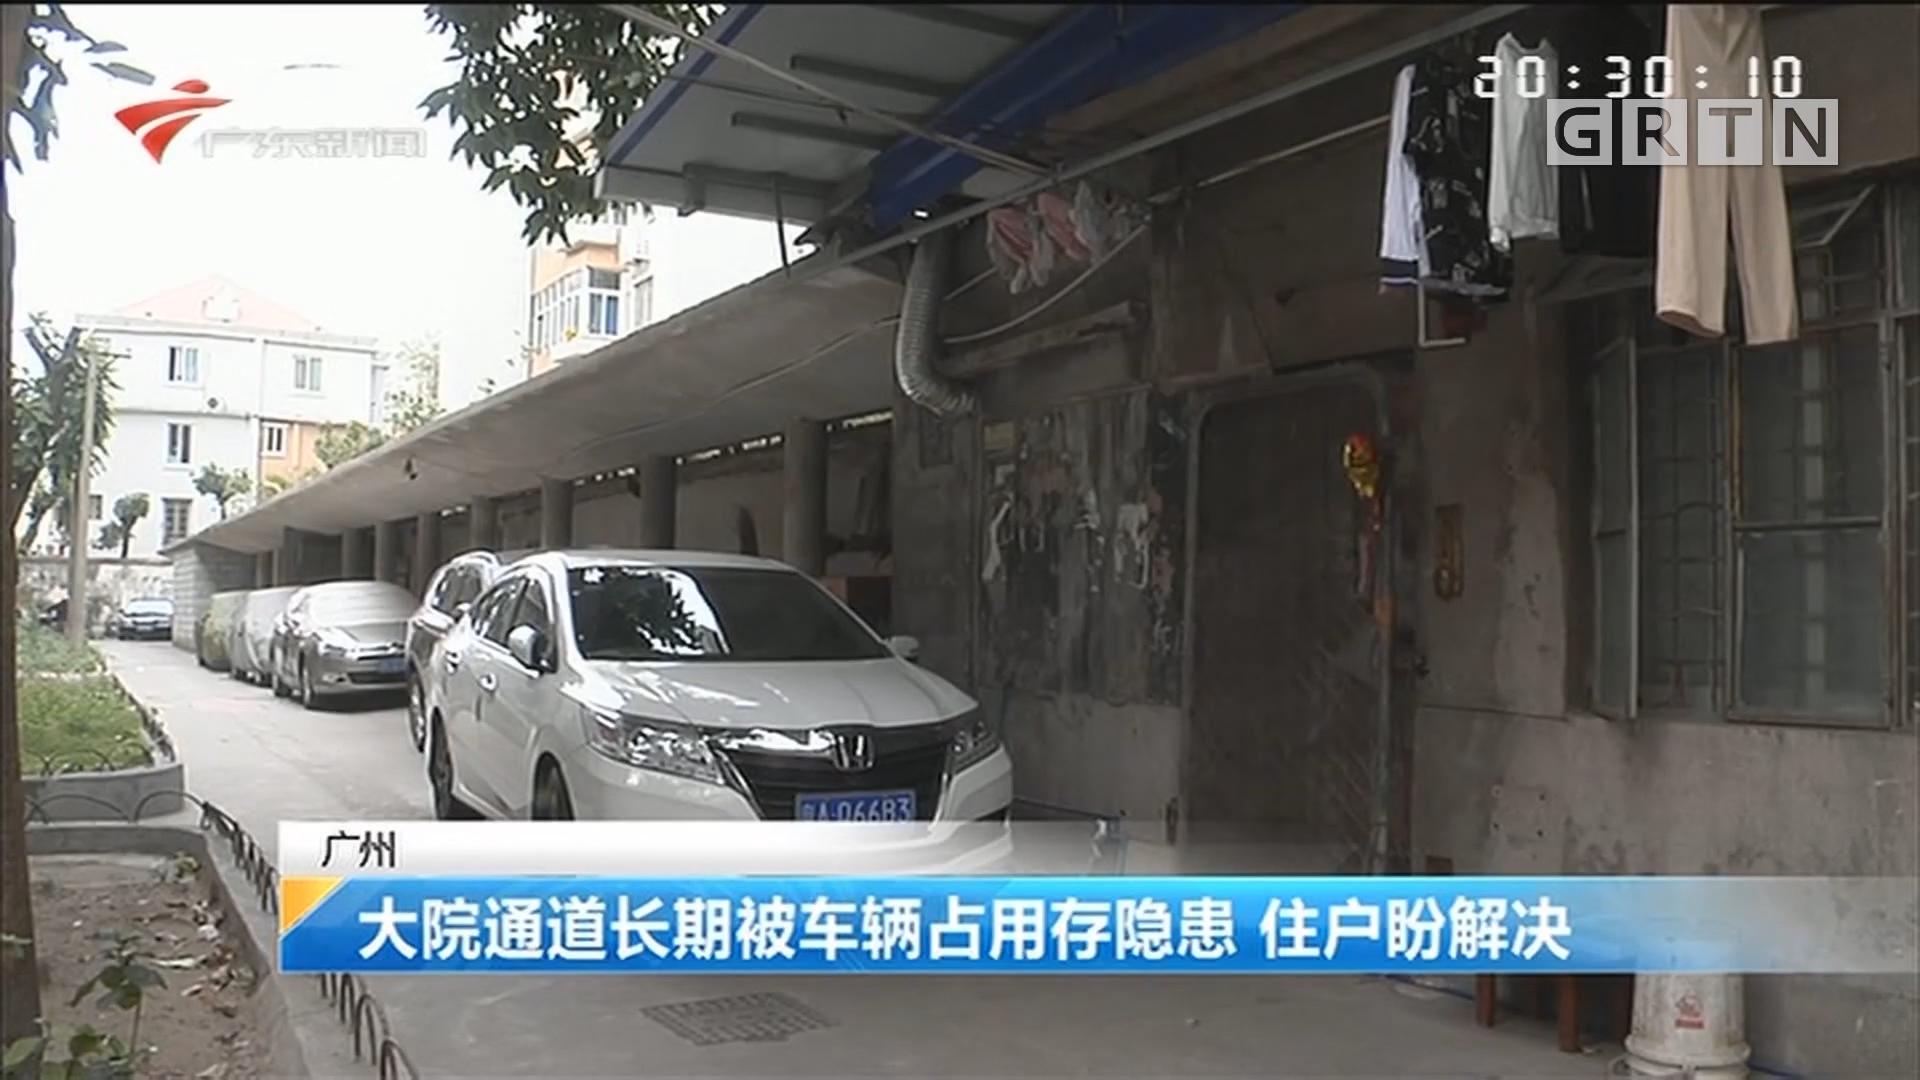 广州:大院通道长期被车辆占用存隐患 住户盼解决